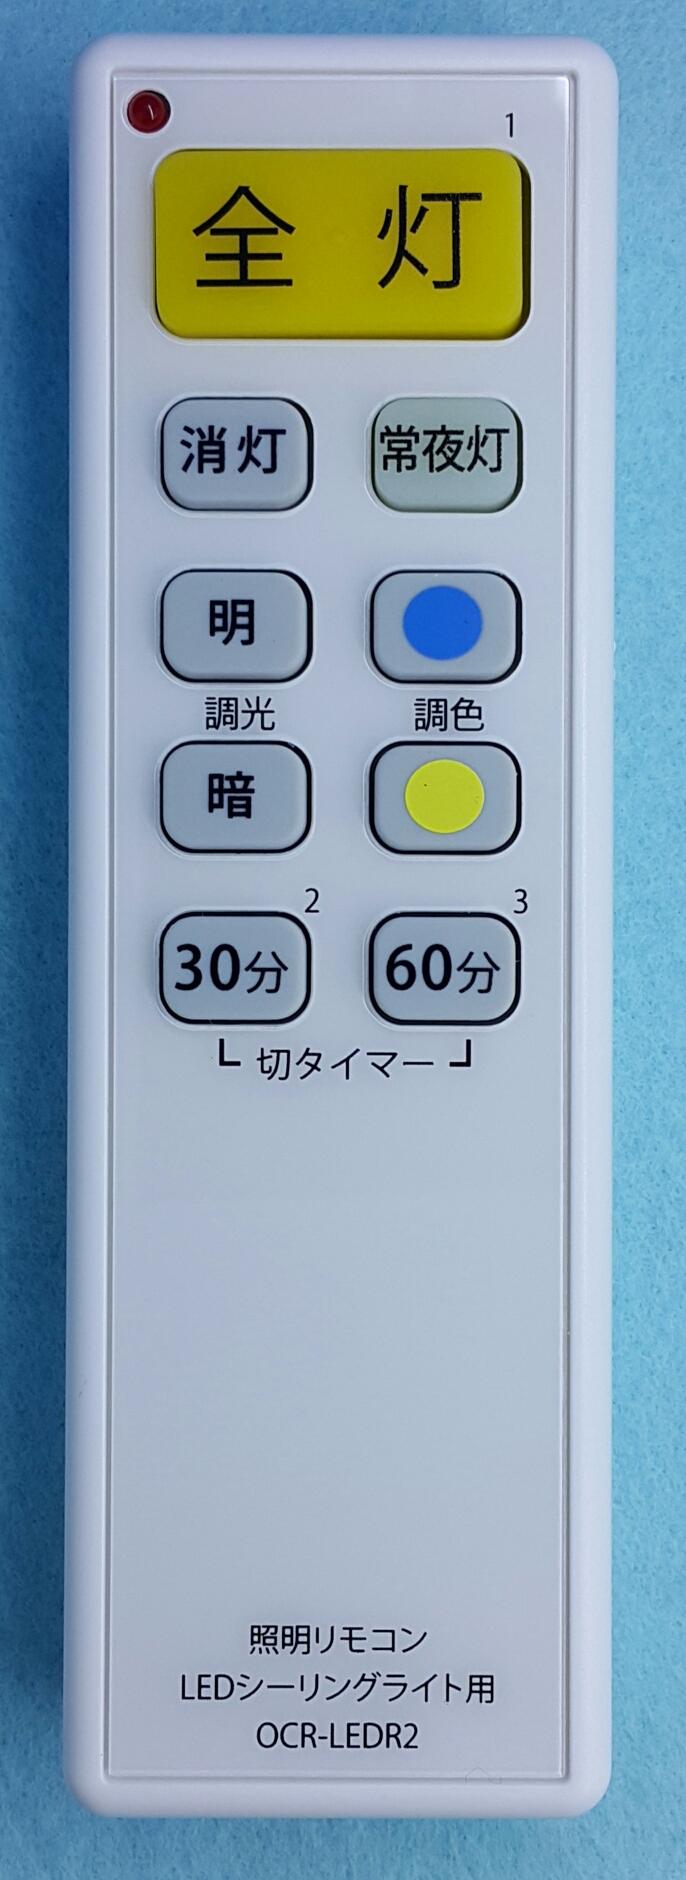 IRISOHYAMA_OCR-LEDR2_2123_XE050 C000_LAMP_cover.png